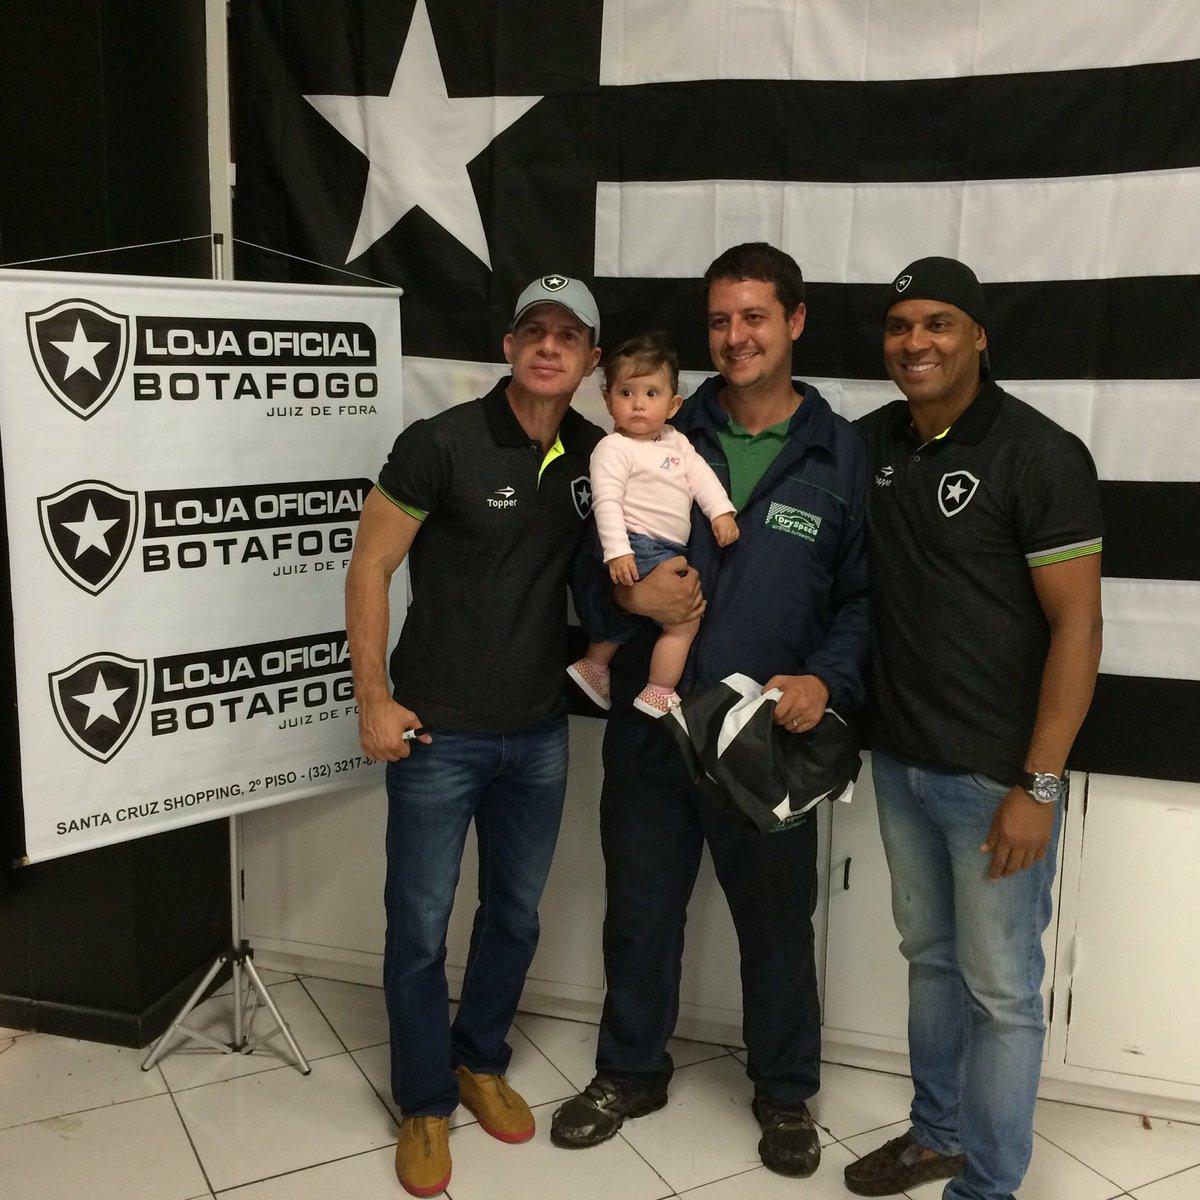 efb6fe9e13 Túlio Maravilha e Donizete fazem a festa de quase 200 torcedores na Loja  Oficial do Botafogo